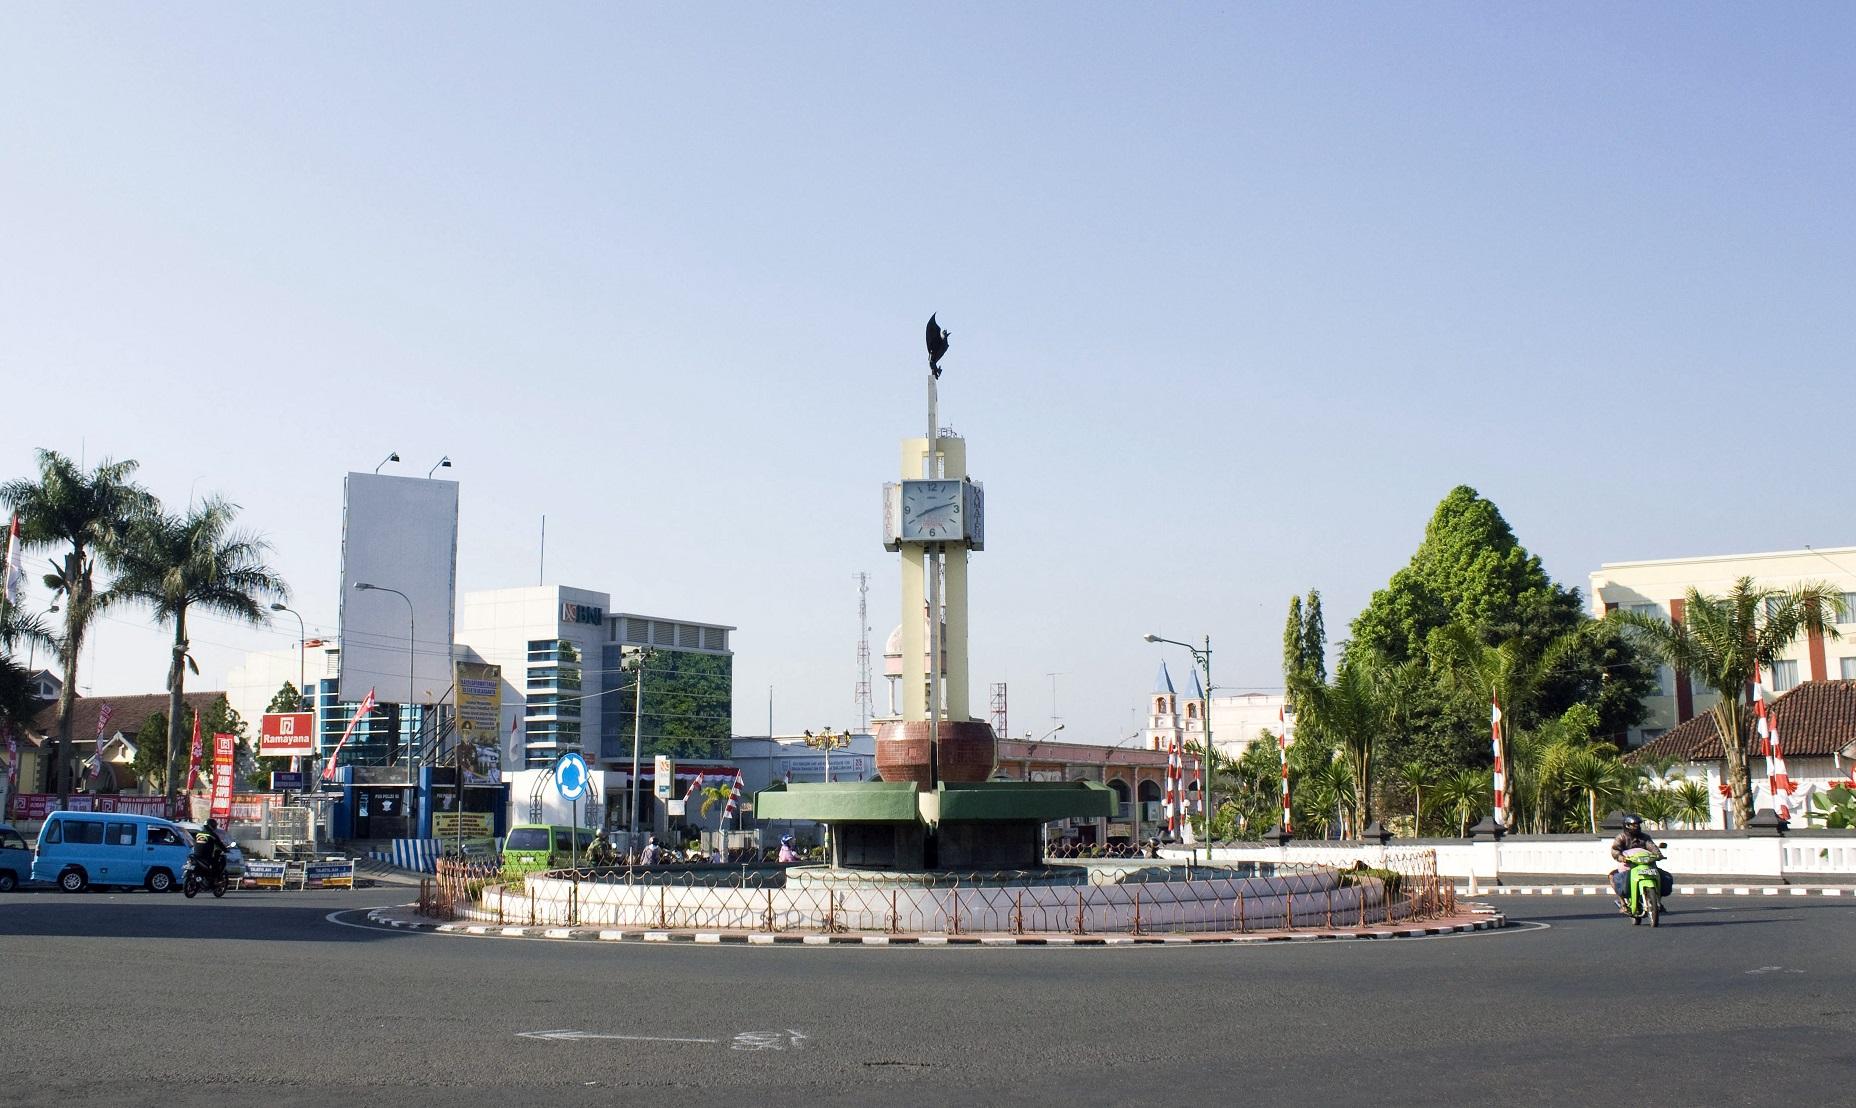 salatiga city